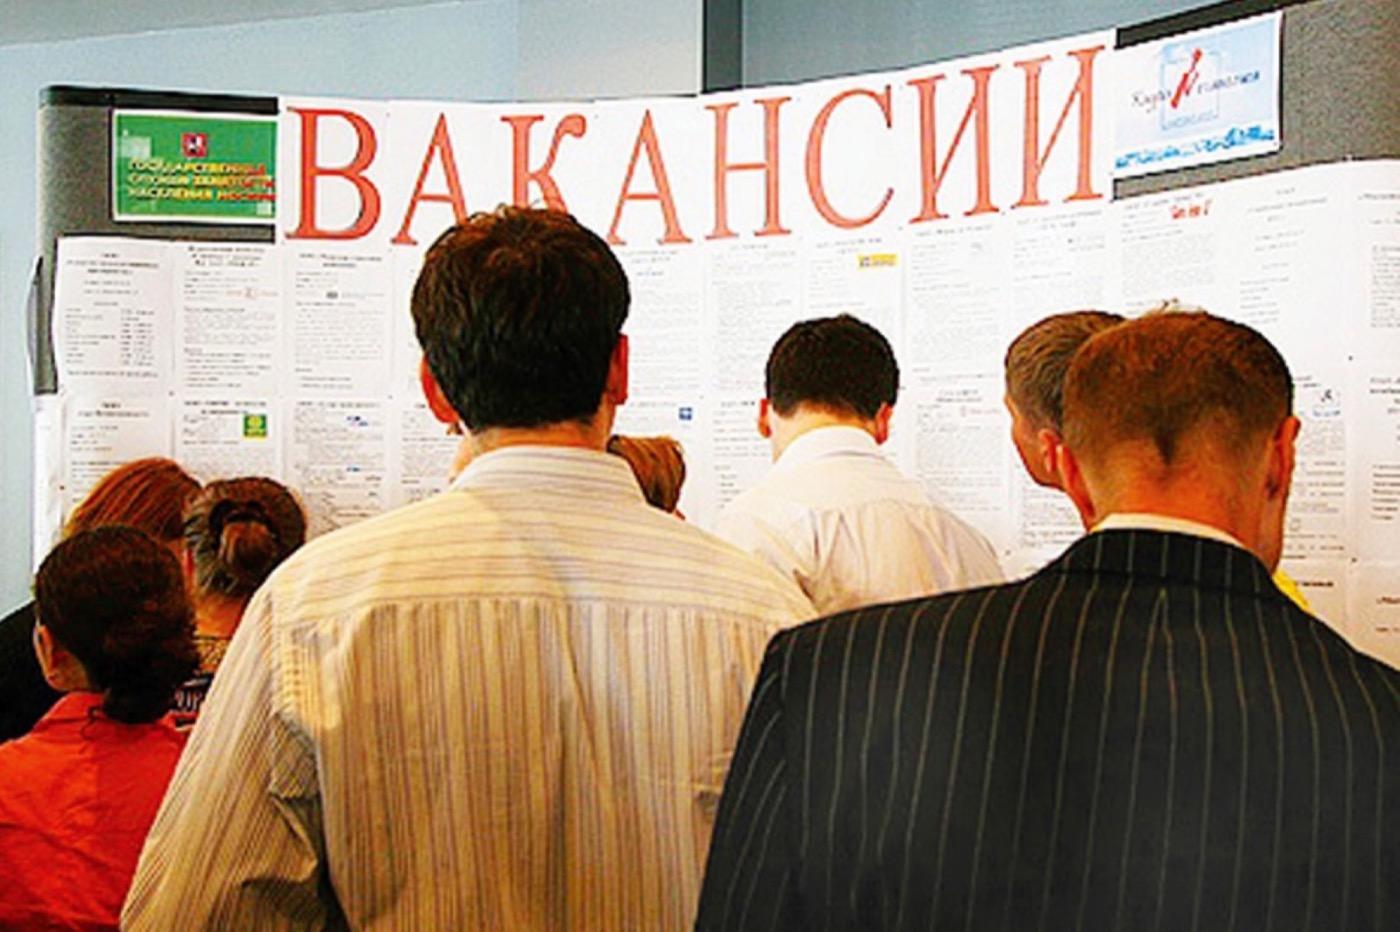 Новости Коломны   В 2019 году в областную службу занятости населения было подано 295,9 тыс. заявлений о предоставлении государственных услуг в сфере занятости. Фото (Коломна)   iz zhizni kolomnyi